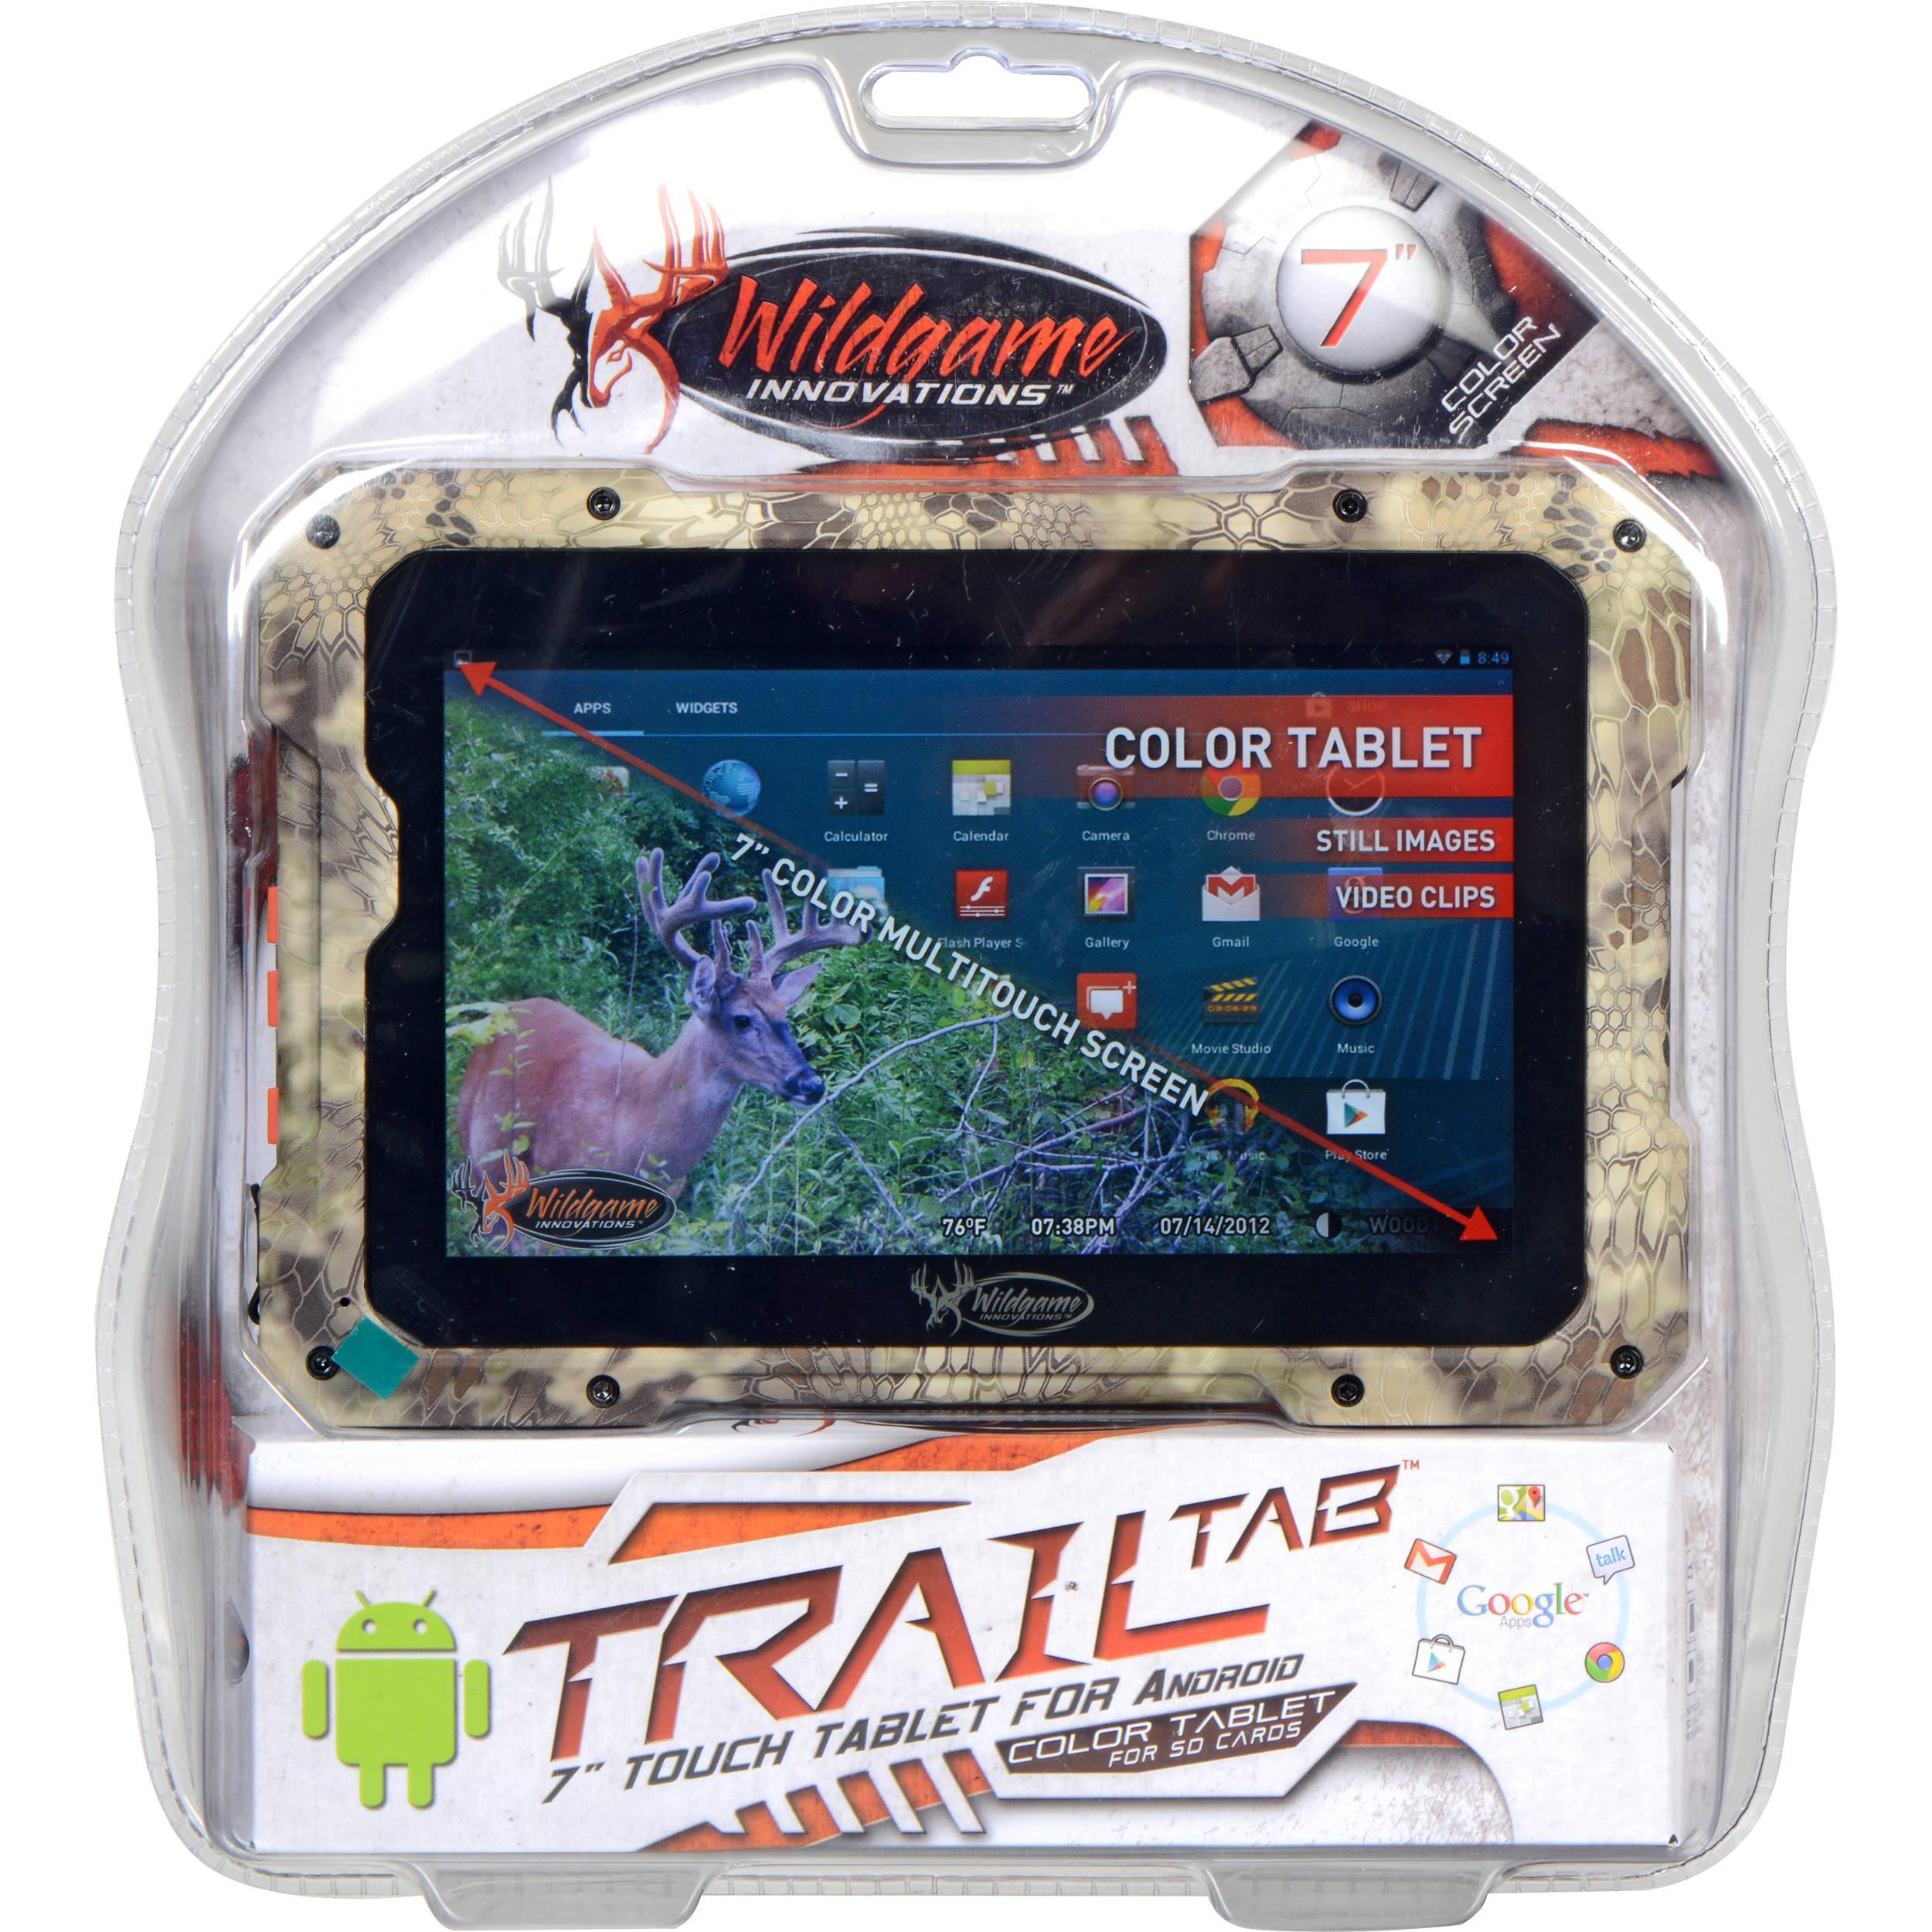 WILDGAME INNOVATIONS VU100 7 Wildgame Innovations Wildgame Trail Tab VU100